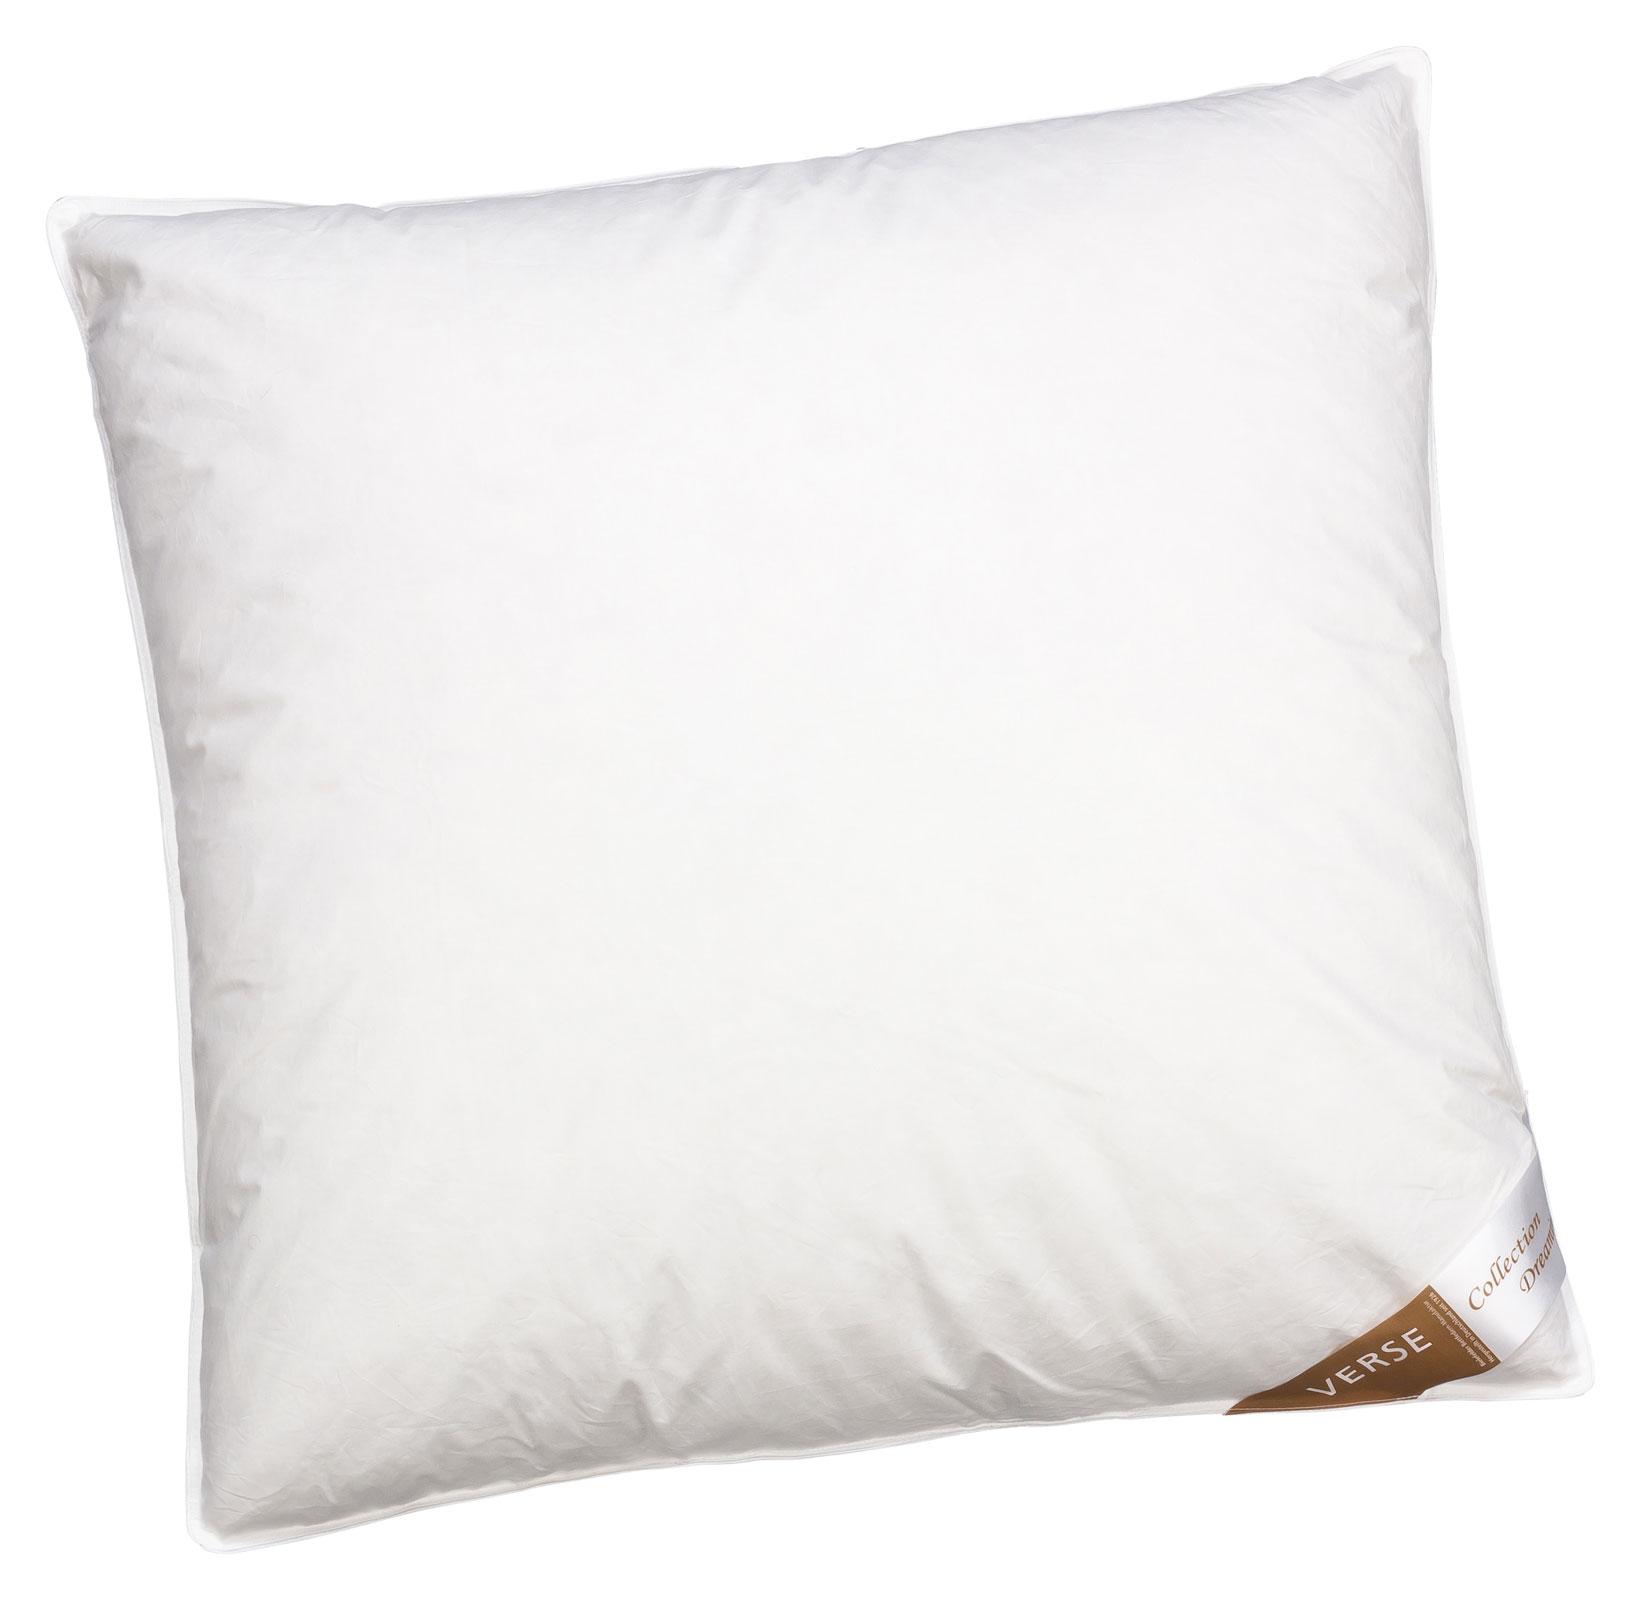 Bettdecken und Kopfkissen - Kopfkissen Daunen Kissen 80x80 fest 1200g 90 Federn 10 Daunen Verse Collection Dreaming  - Onlineshop PremiumShop321